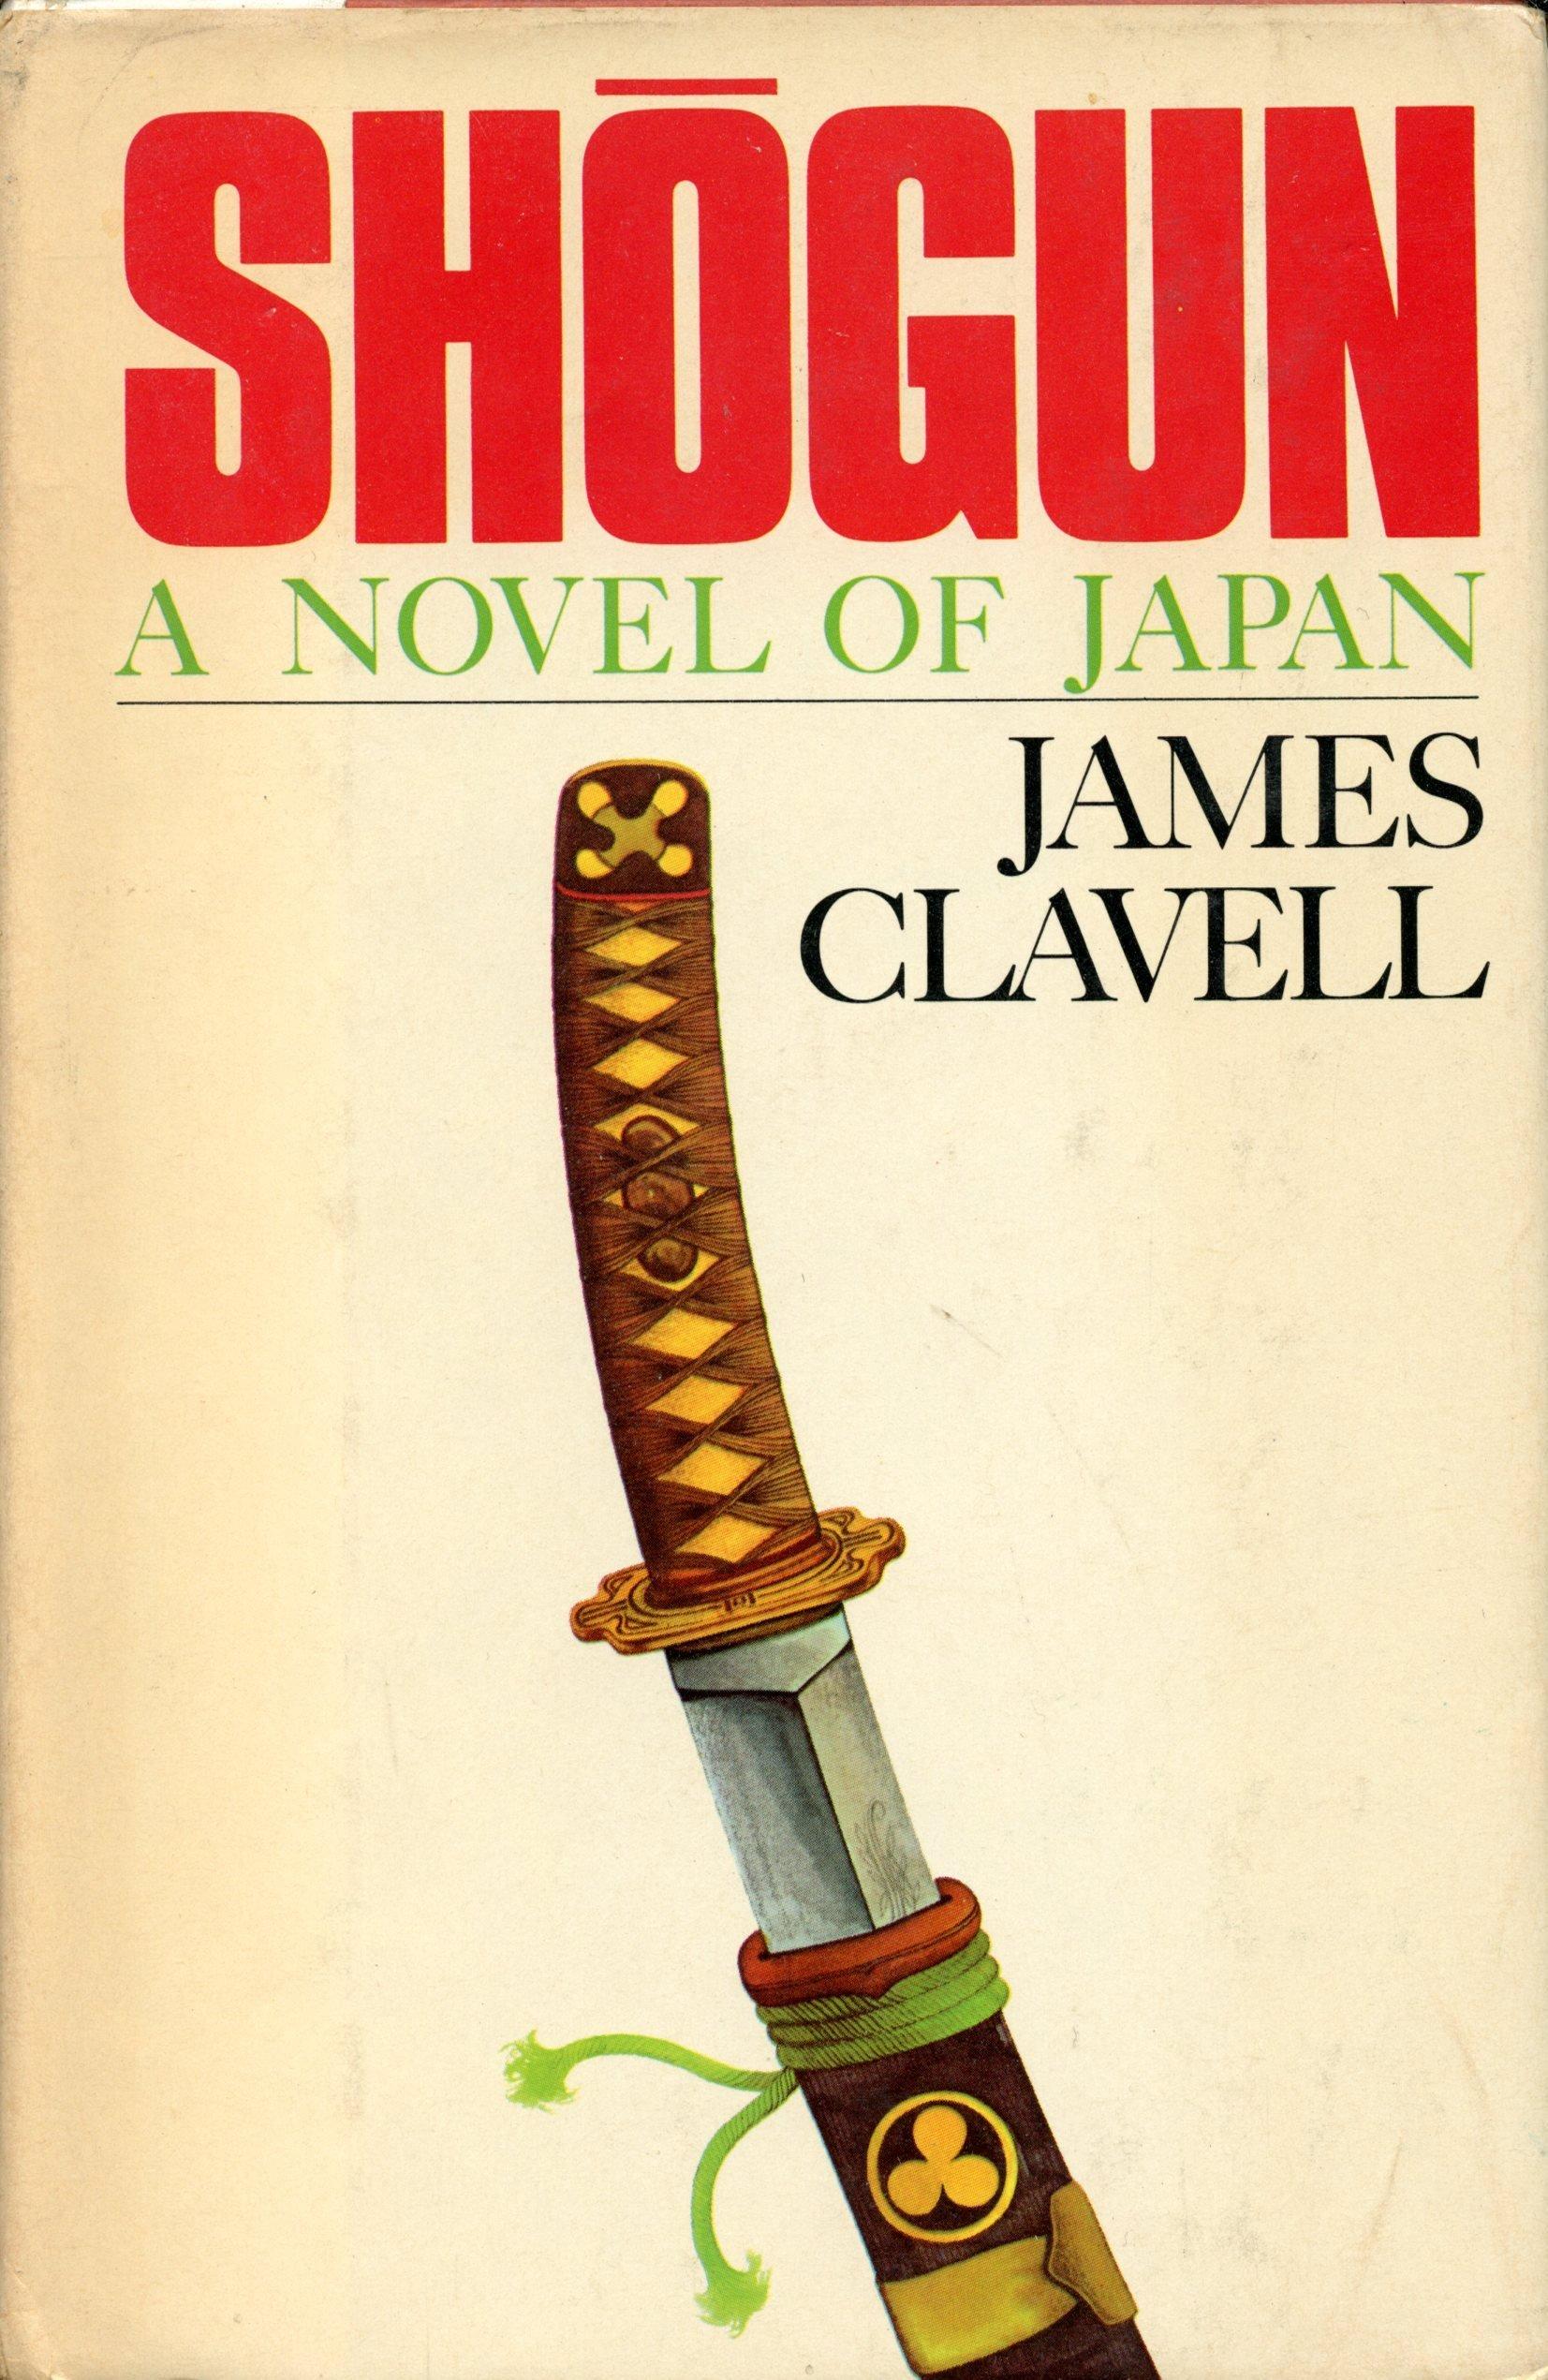 SHOGUN JAMES CLAVELL PDF ITALIANO PDF DOWNLOAD